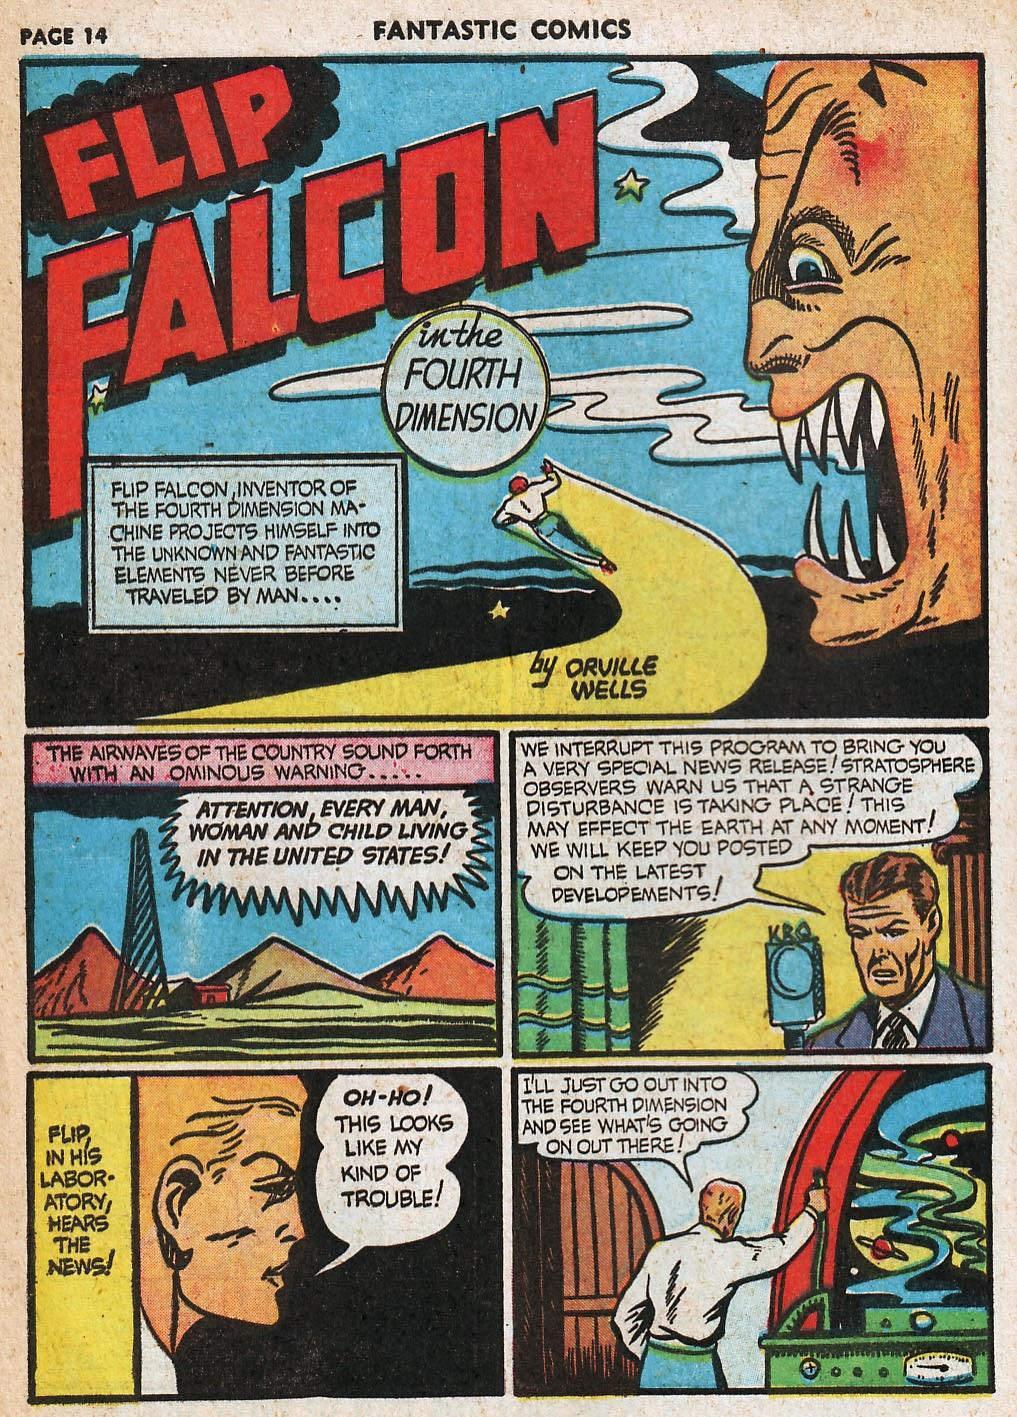 Read online Fantastic Comics comic -  Issue #20 - 15